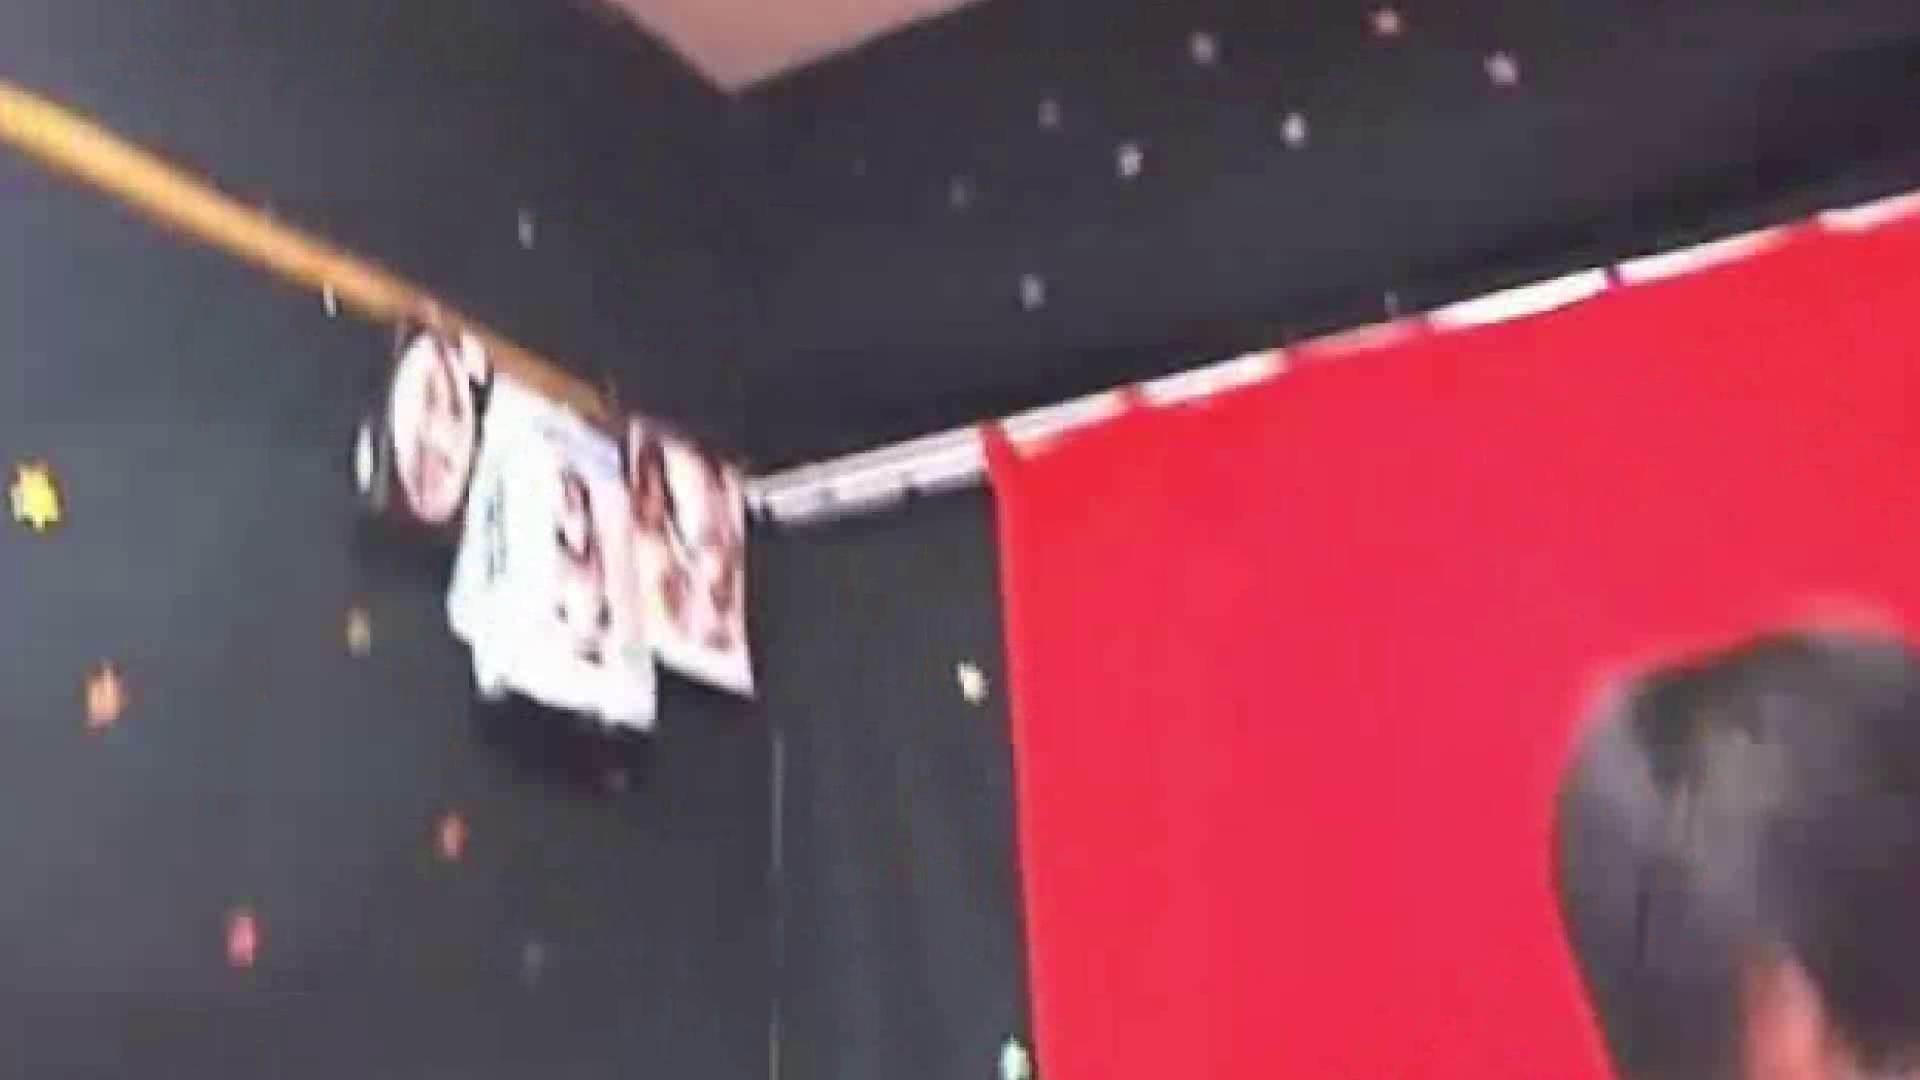 S級ギャルのハメ撮り!生チャット!Vol.08前編 美女エロ画像 スケベ動画紹介 100PICs 71